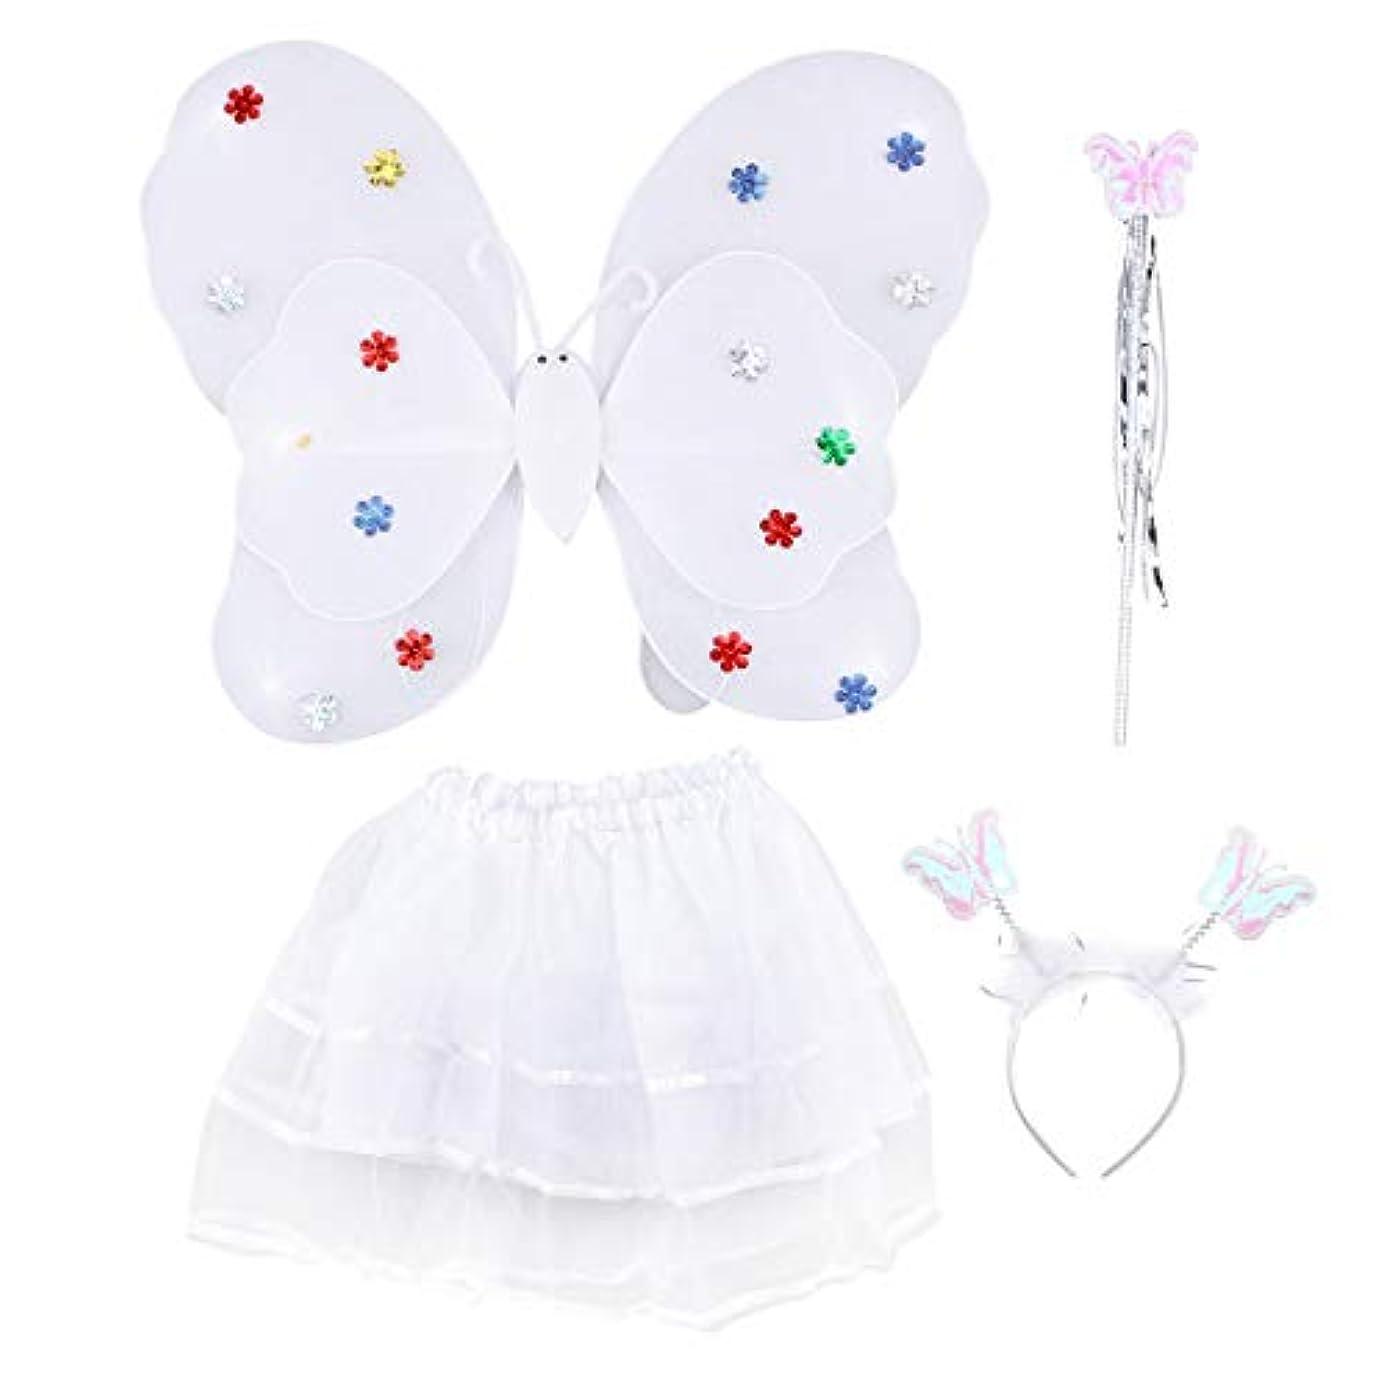 Amosfun 4ピース女の子の妖精の王女の衣装セットLEDライトアップバタフライウィングワンドヘッドバンドチュチュスカート女の子のための子供子供(白)